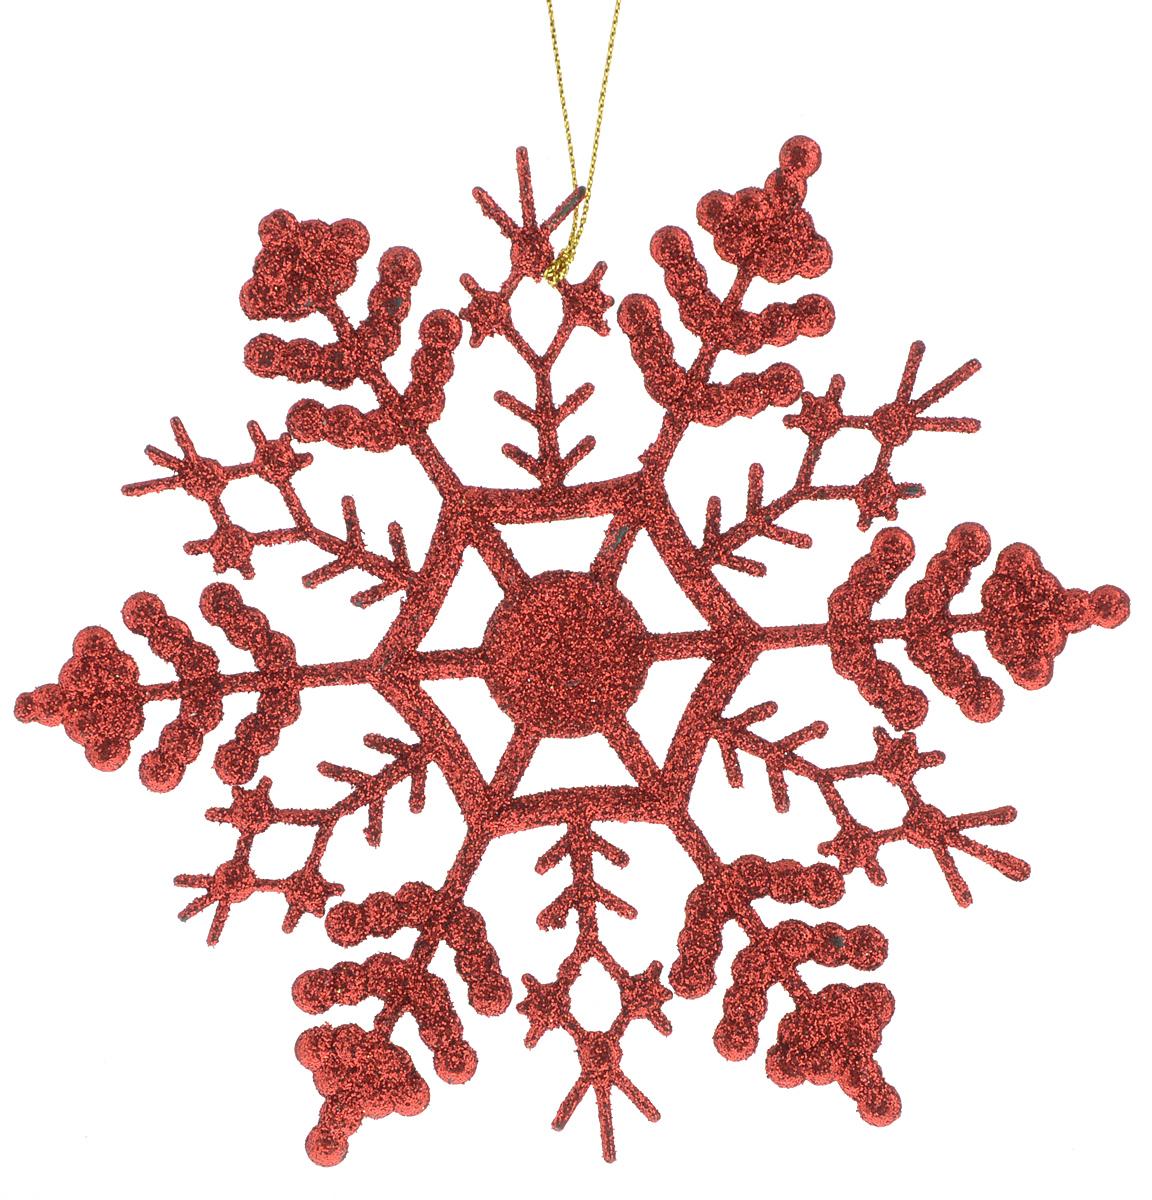 Украшение новогоднее подвесное Magic Time Снежинка-паутинка красная, 16,5 х 16,5 см6028_бежевыйНовогоднее подвесное украшение Magic Time Снежинка-паутинка красная выполнено из полипропилена в виде снежинки и украшено блестками. С помощью специальной петельки украшение можно повесить в любом понравившемся вам месте. Но, конечно, удачнее всего оно будет смотреться на праздничной елке.Елочная игрушка - символ Нового года. Она несет в себе волшебство и красоту праздника. Создайте в своем доме атмосферу веселья и радости, украшая новогоднюю елку нарядными игрушками, которые будут из года в год накапливать теплоту воспоминаний.Материал: полипропилен.Размер: 16,5 х 16,5 см.